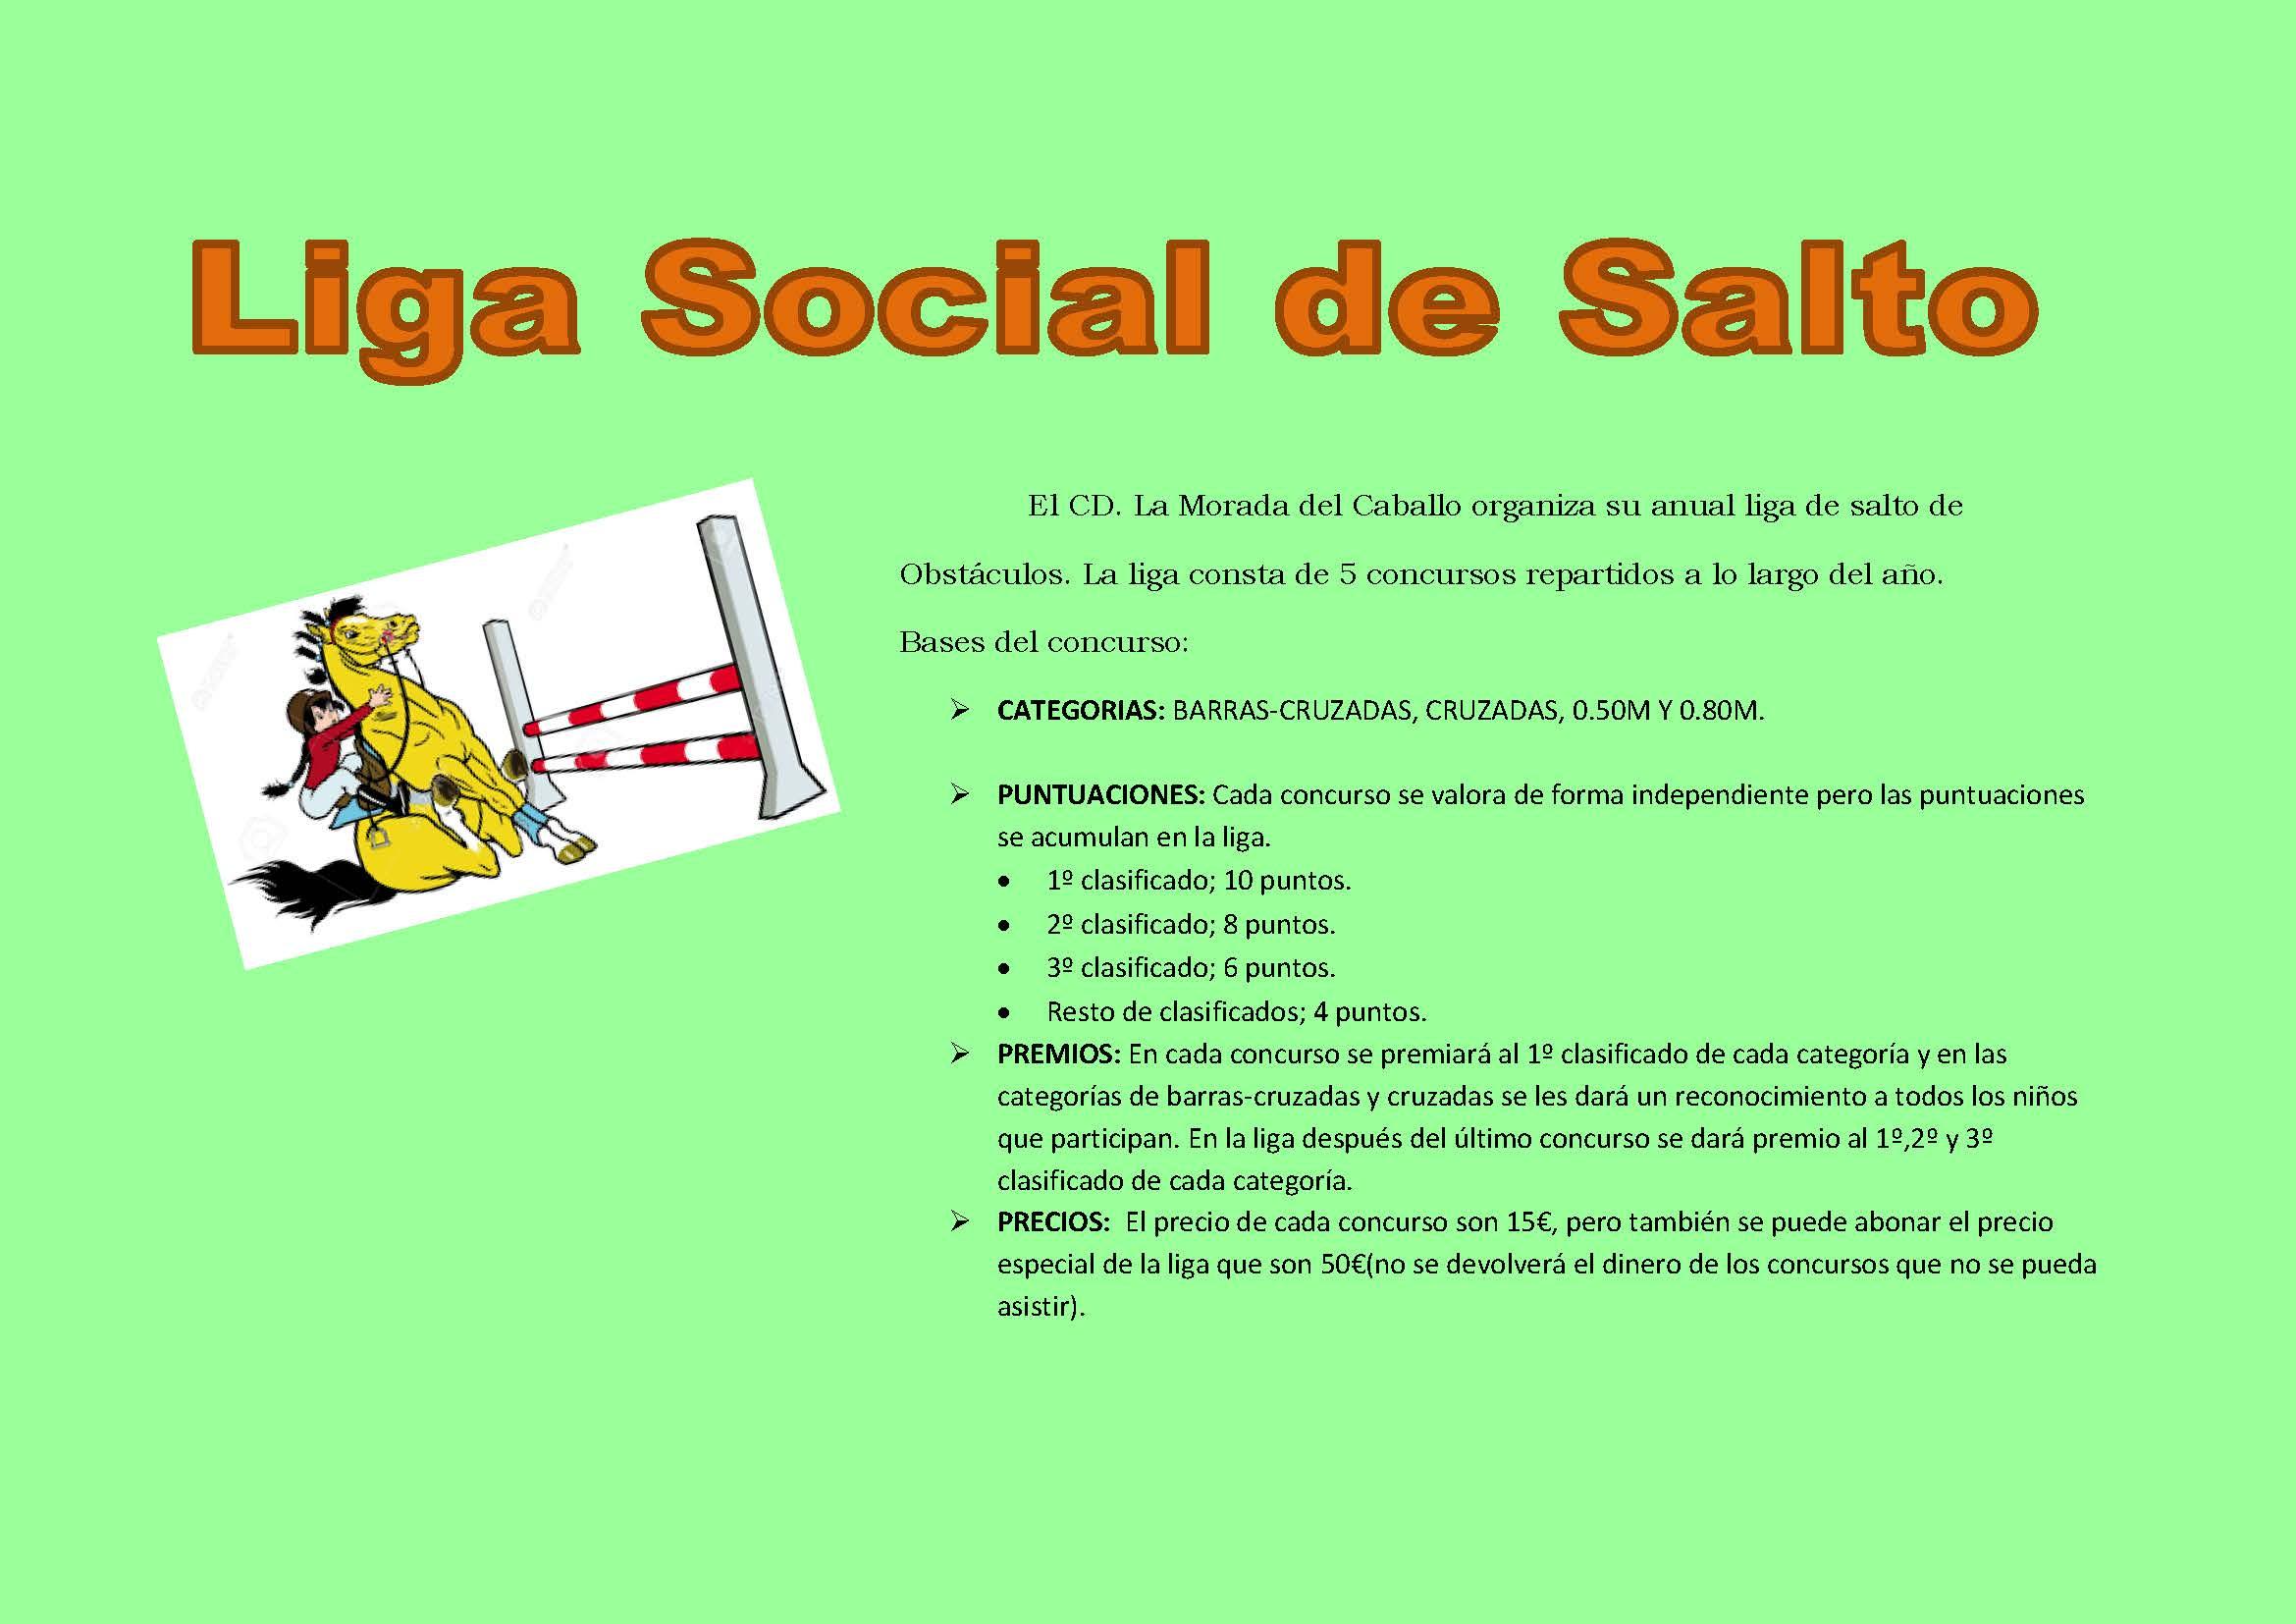 Liga Social de Salto